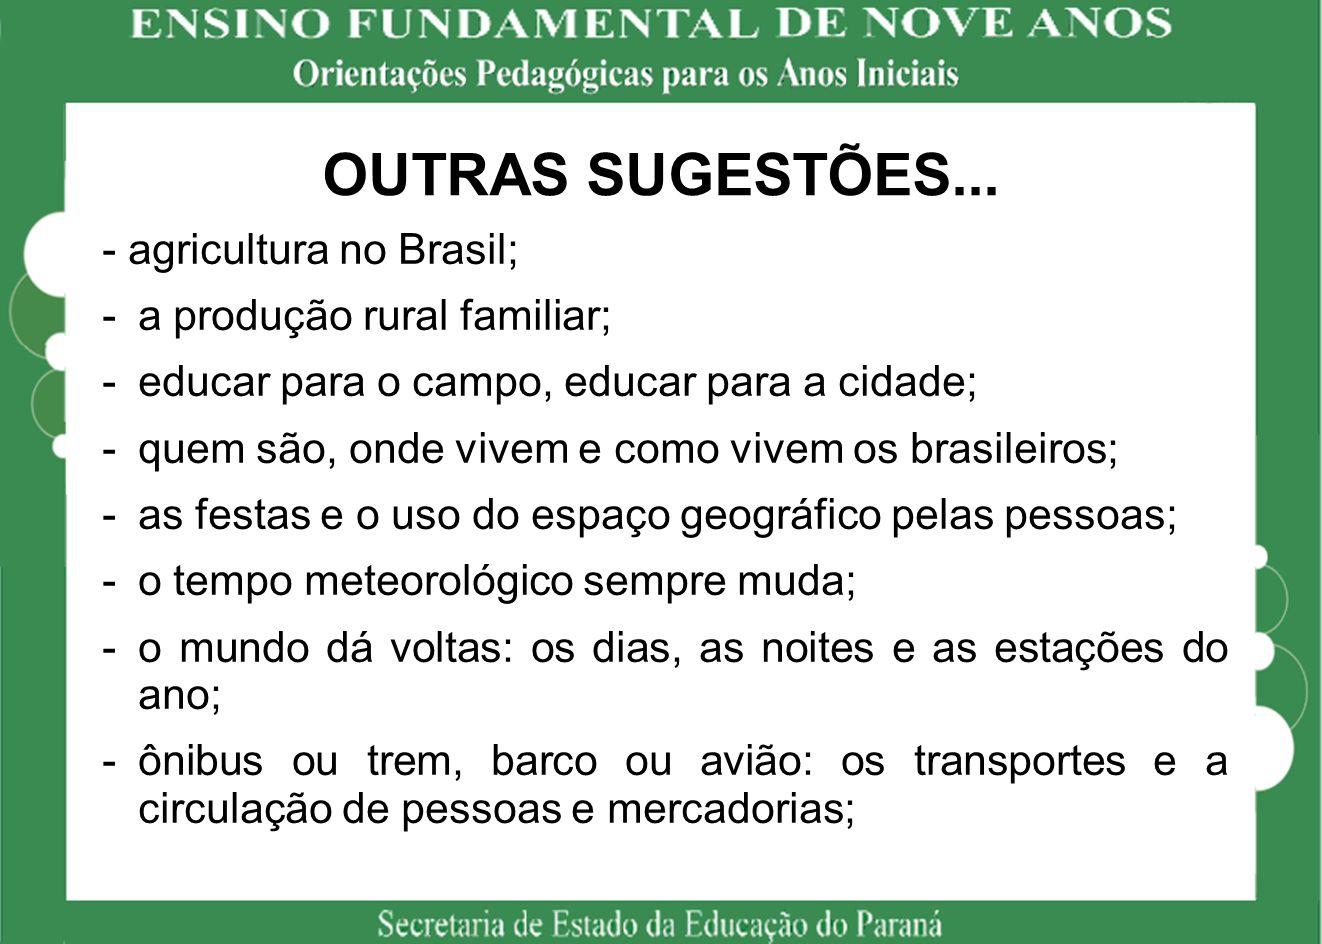 OUTRAS SUGESTÕES... - agricultura no Brasil;